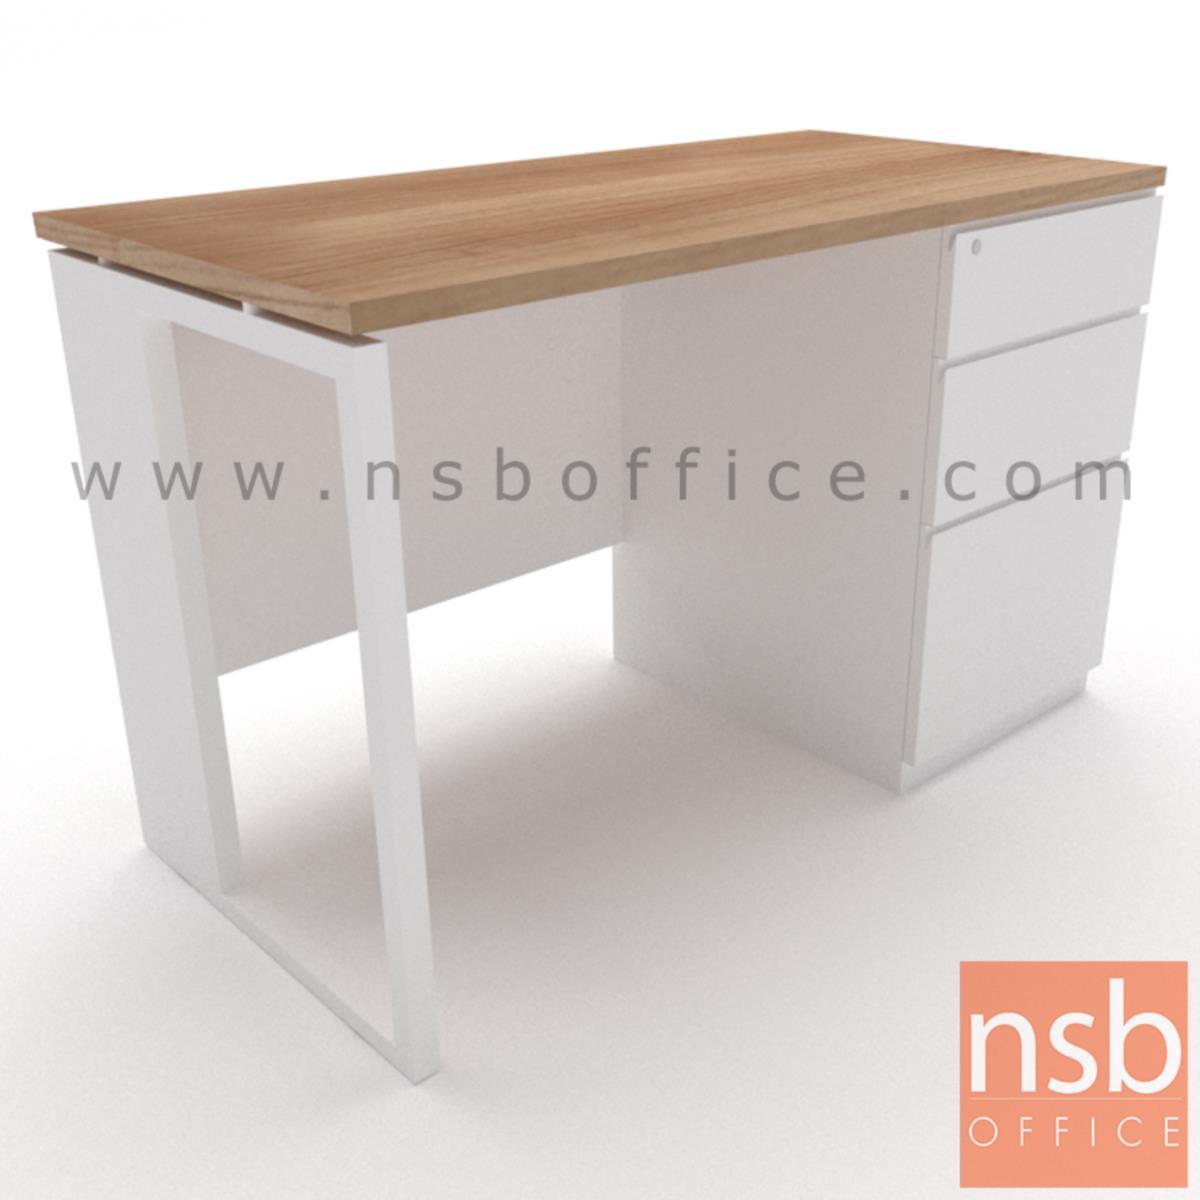 โต๊ะทำงานทรงสี่เหลี่ยม 3 ลิ้นชัก  รุ่น Elwood (เอลวูด) ขนาด 120W ,135W ,150W ,160W ,180W*60D ,75D cm.  ขาเหล็กกล่องพ่นขาว